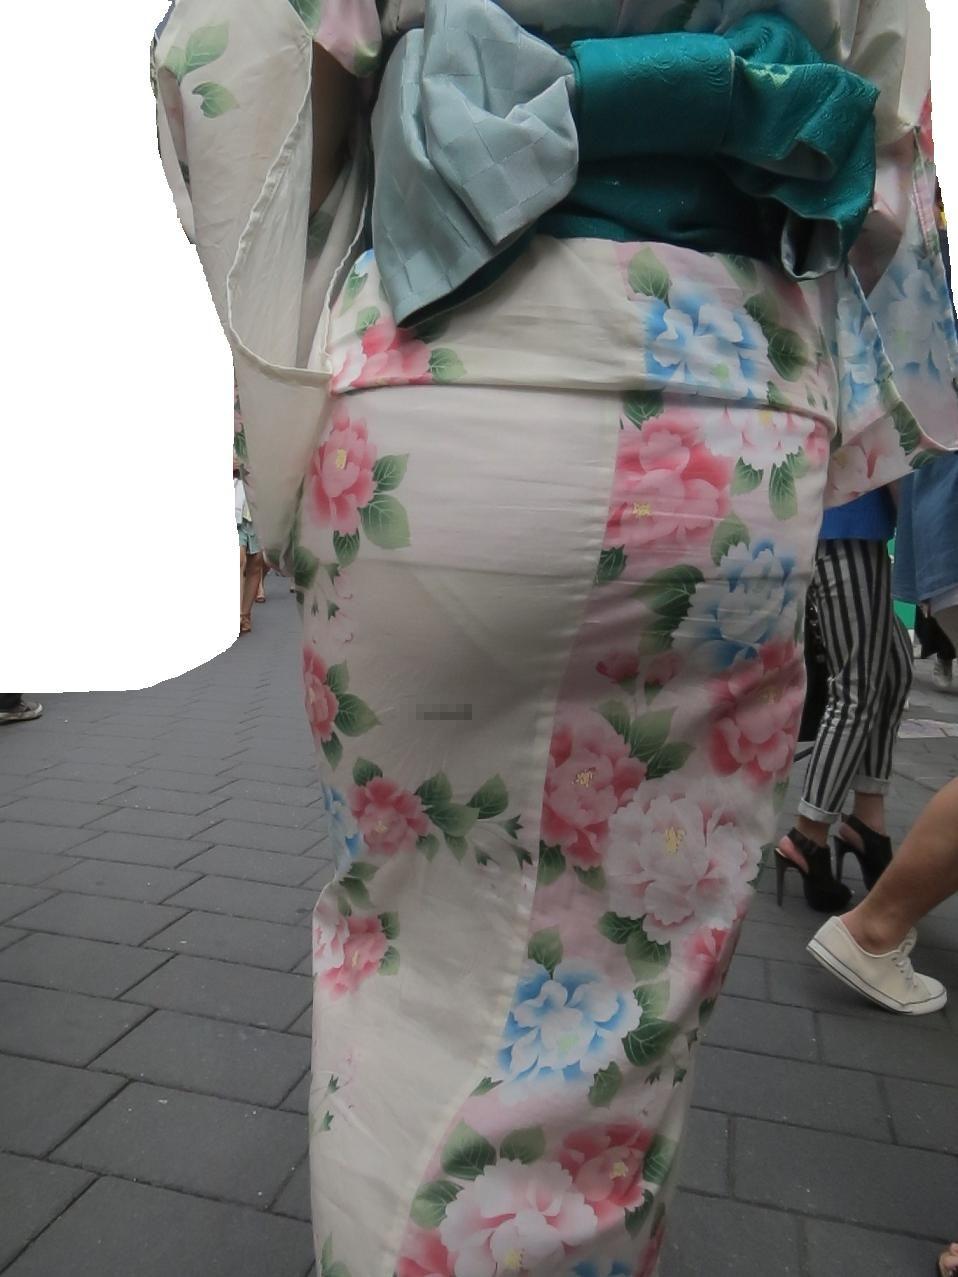 夏に堪能しまくりたい浴衣シロウト達の透けパンツ丸見え写真